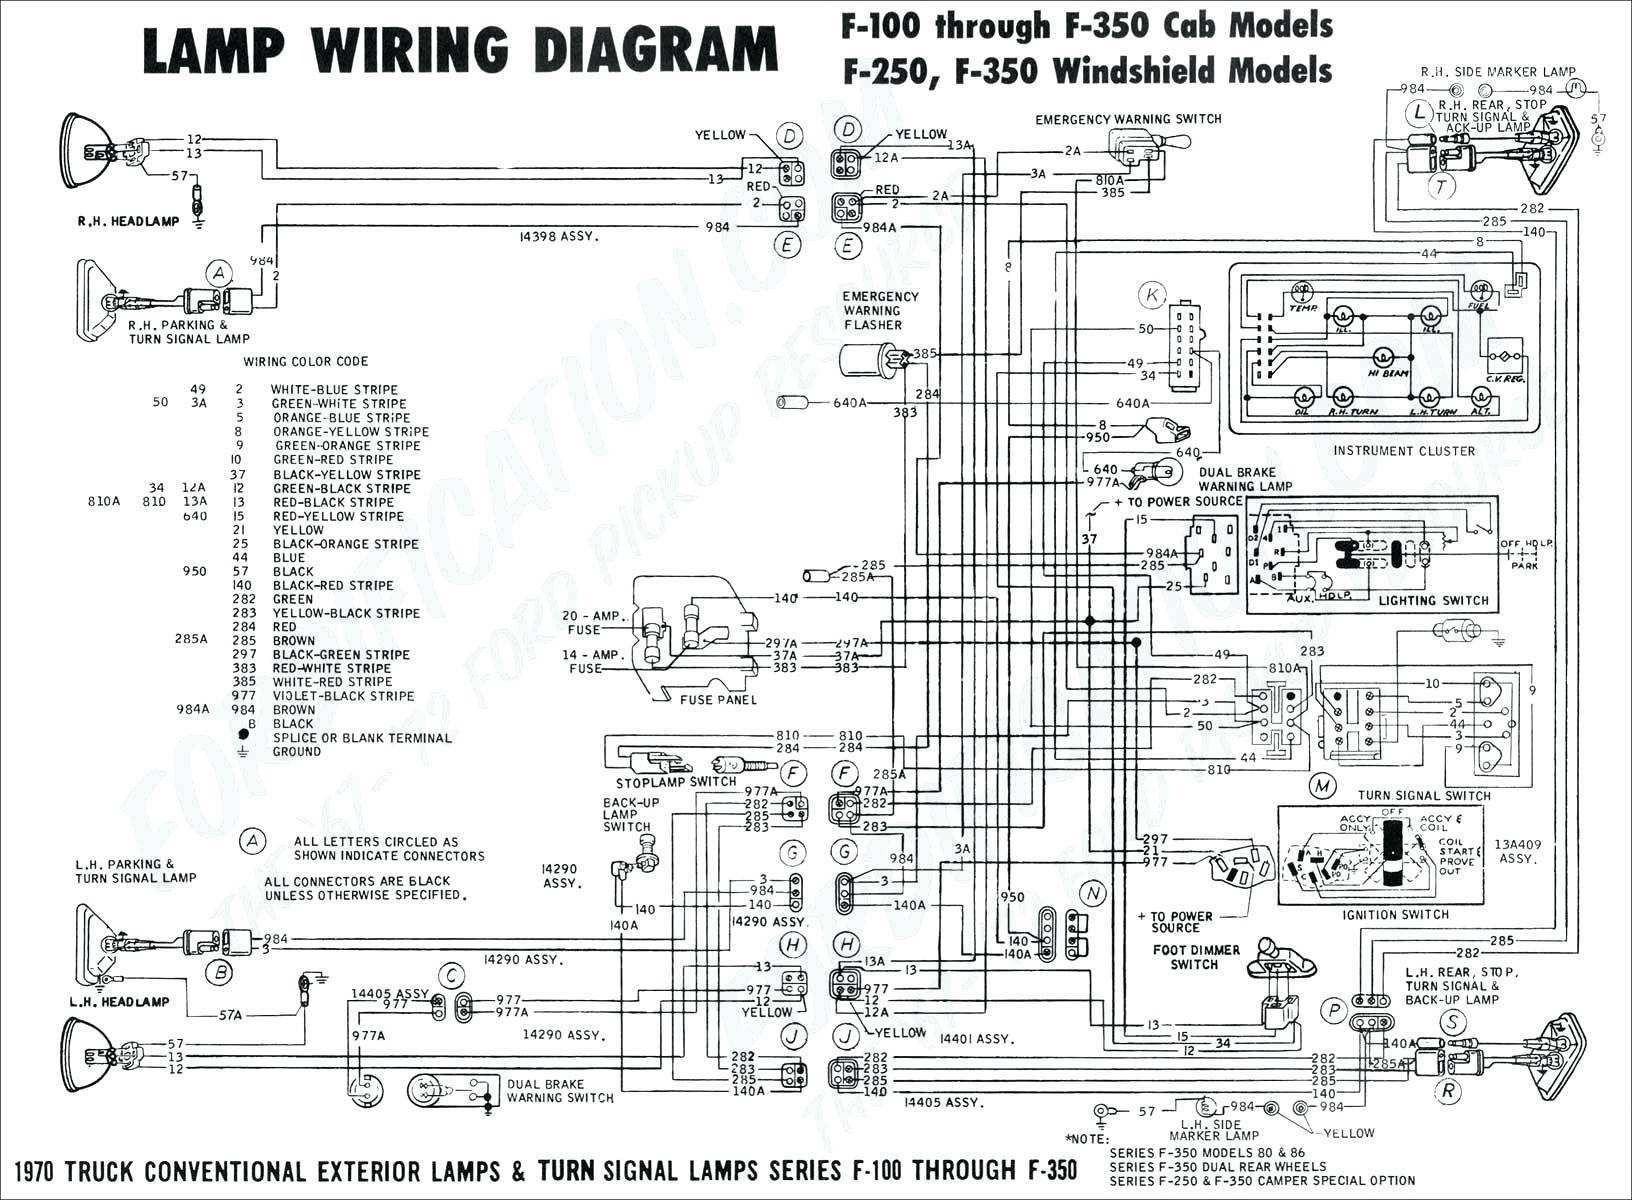 Unique Wiring Diagram For Ac Capacitor Electrical Wiring Diagram Electrical Diagram Trailer Wiring Diagram